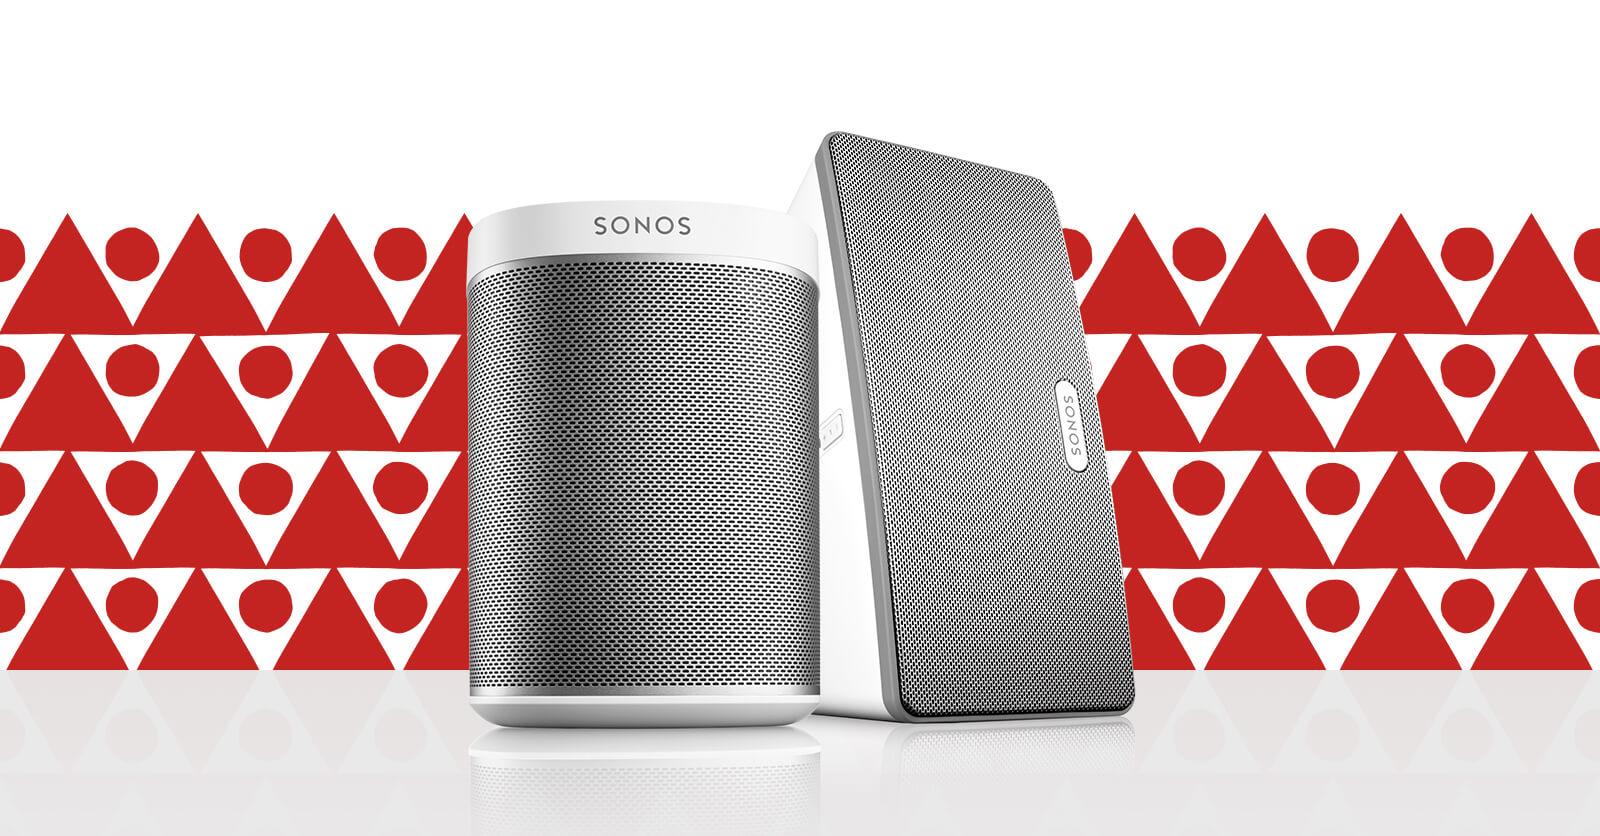 NP: Sonos sorprende con sus ofertas para el Black Friday